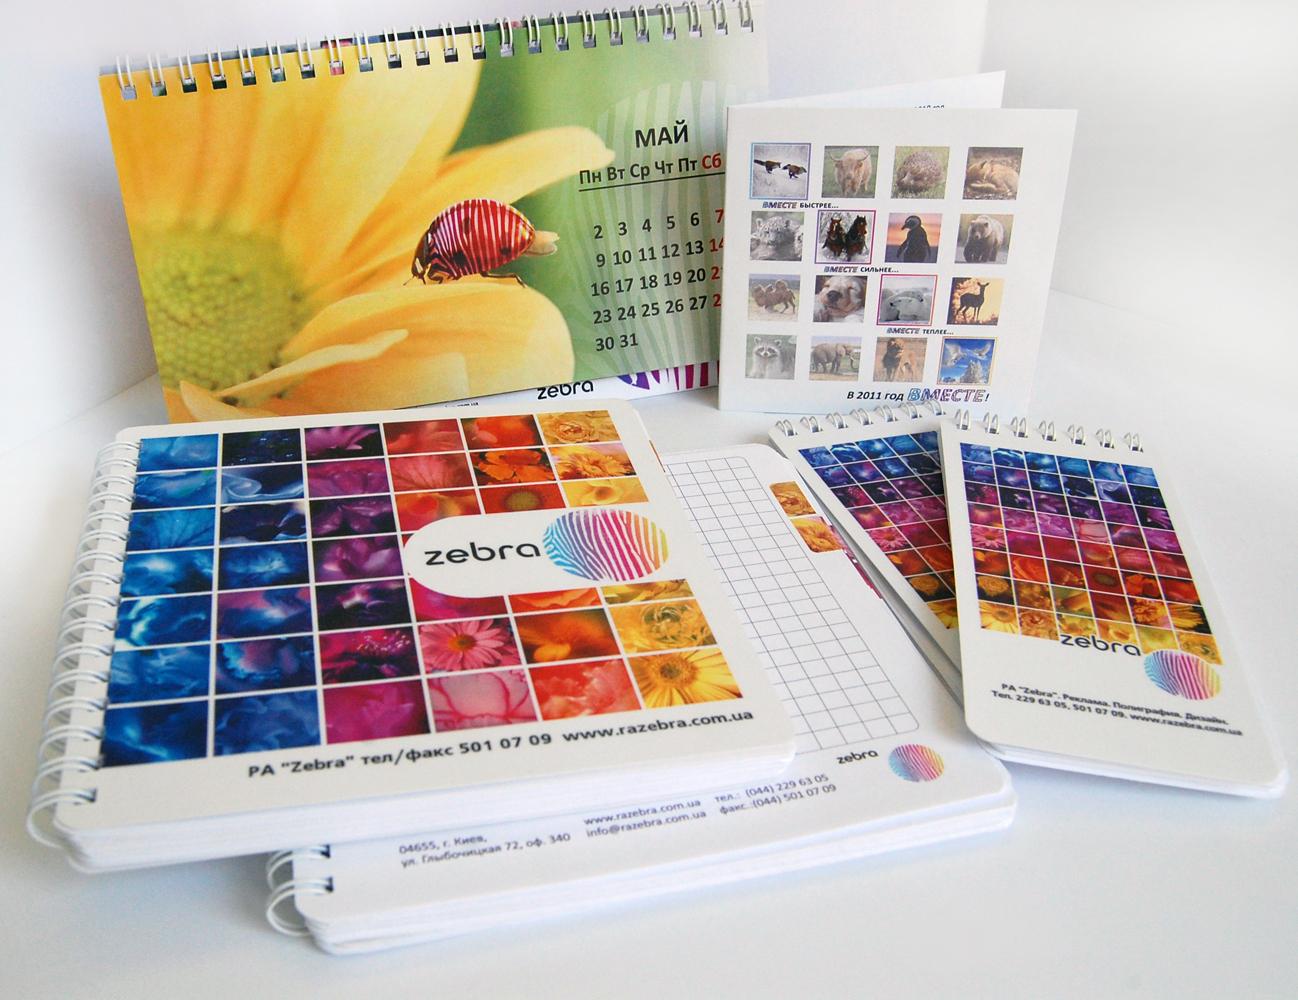 Оборудование для печати открыток и календарей